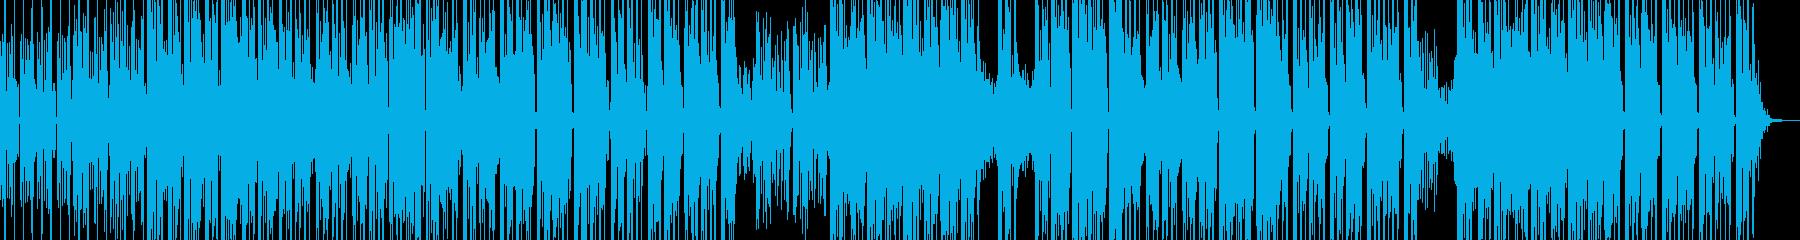 耳から離れなくなるエスニックポップの再生済みの波形